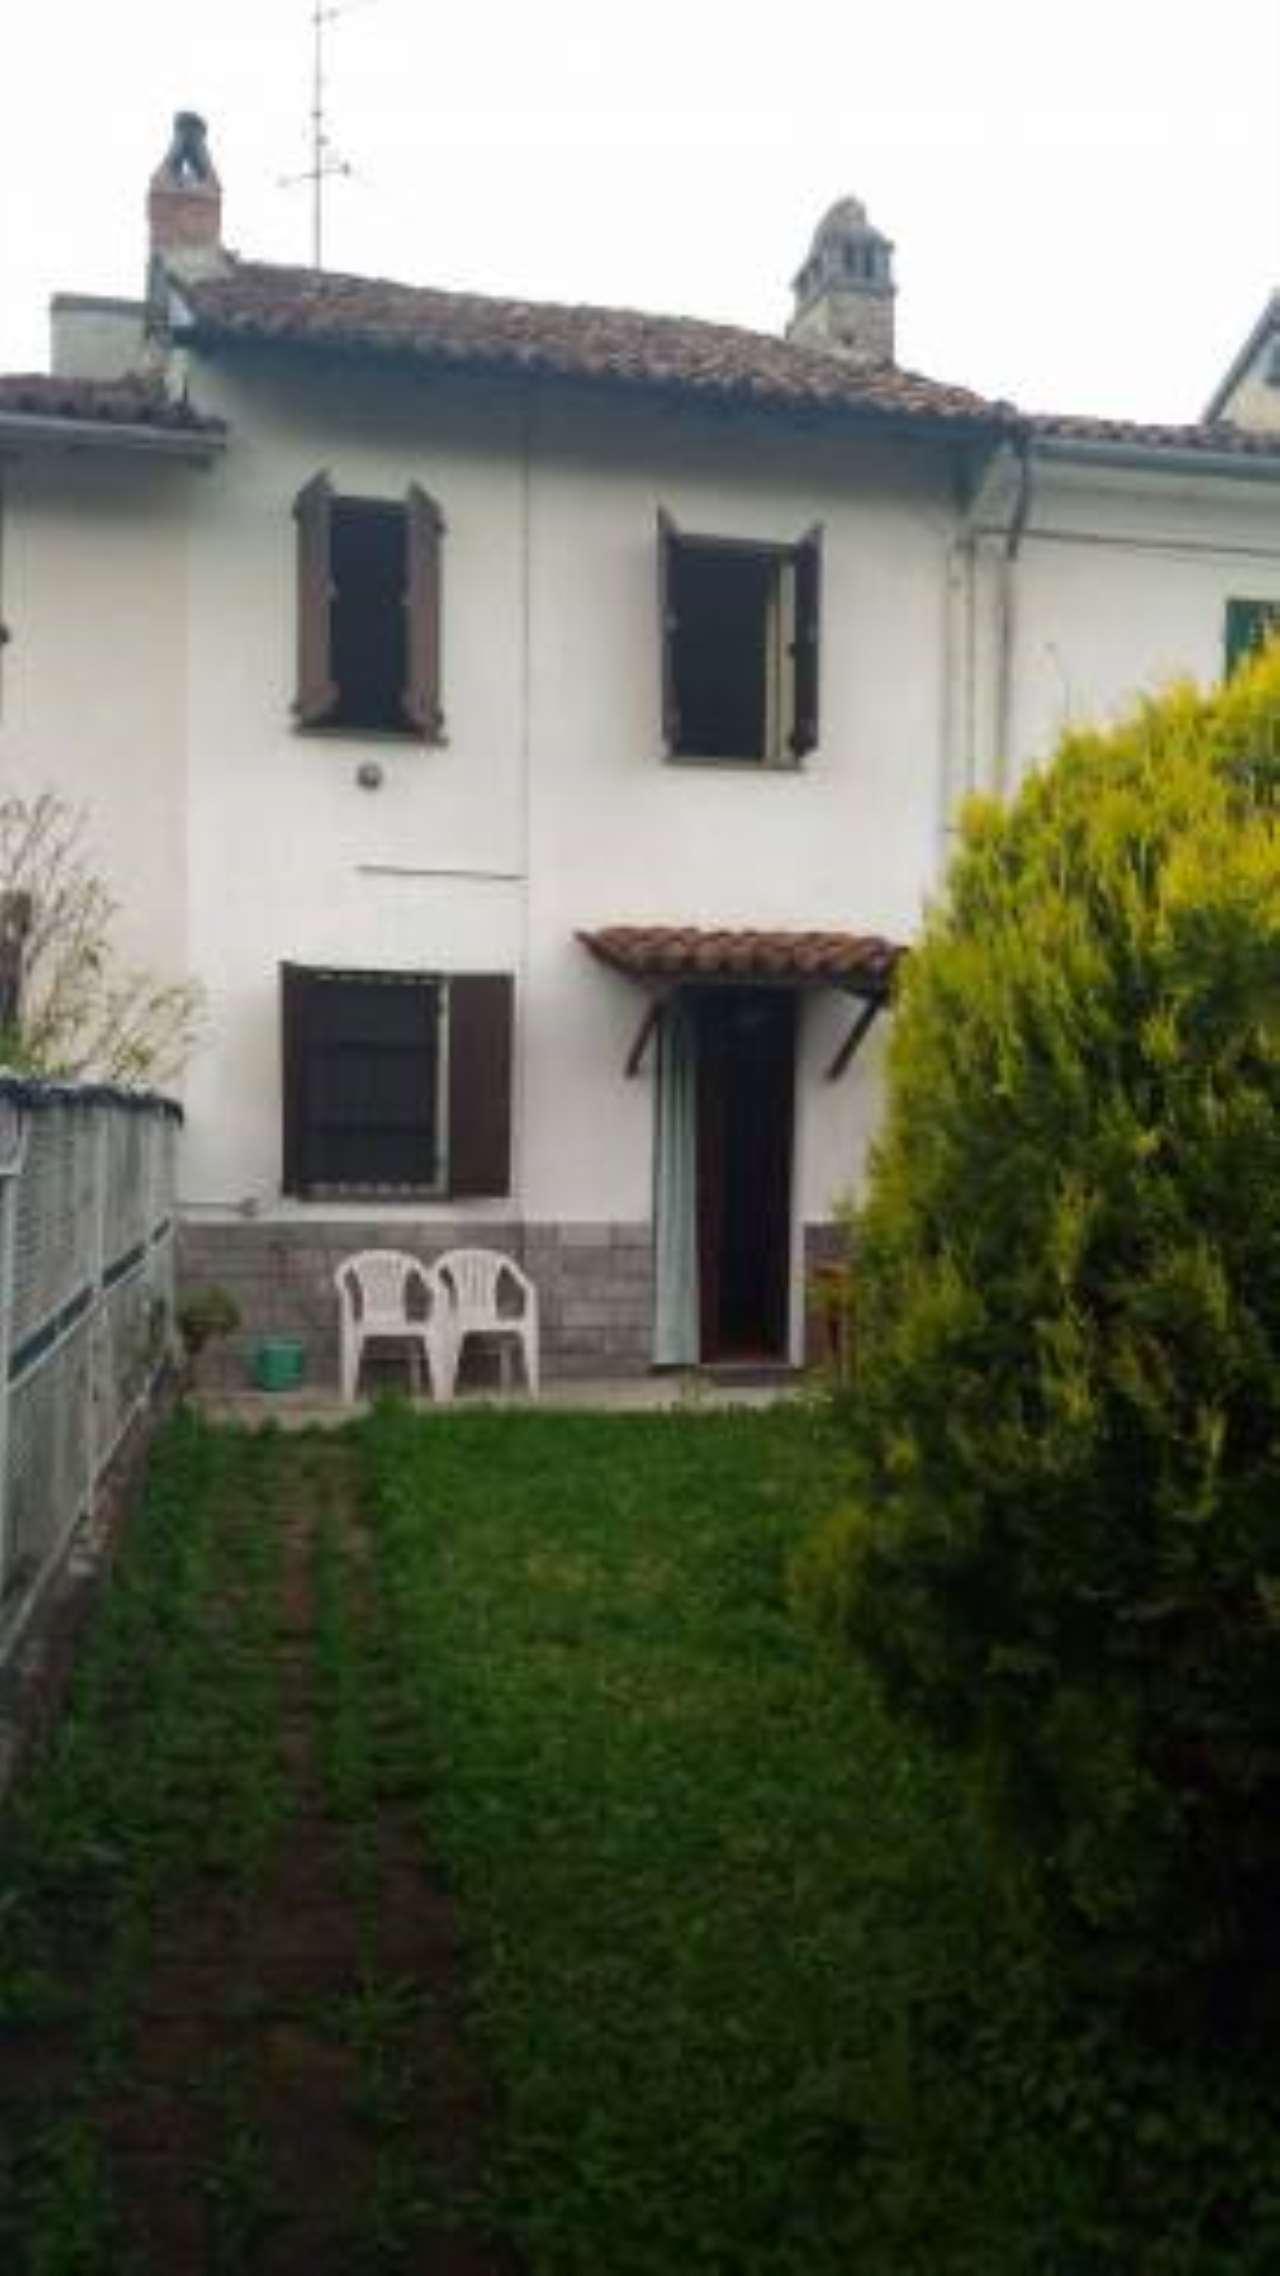 Soluzione Indipendente in vendita a Quargnento, 3 locali, prezzo € 49.000 | CambioCasa.it